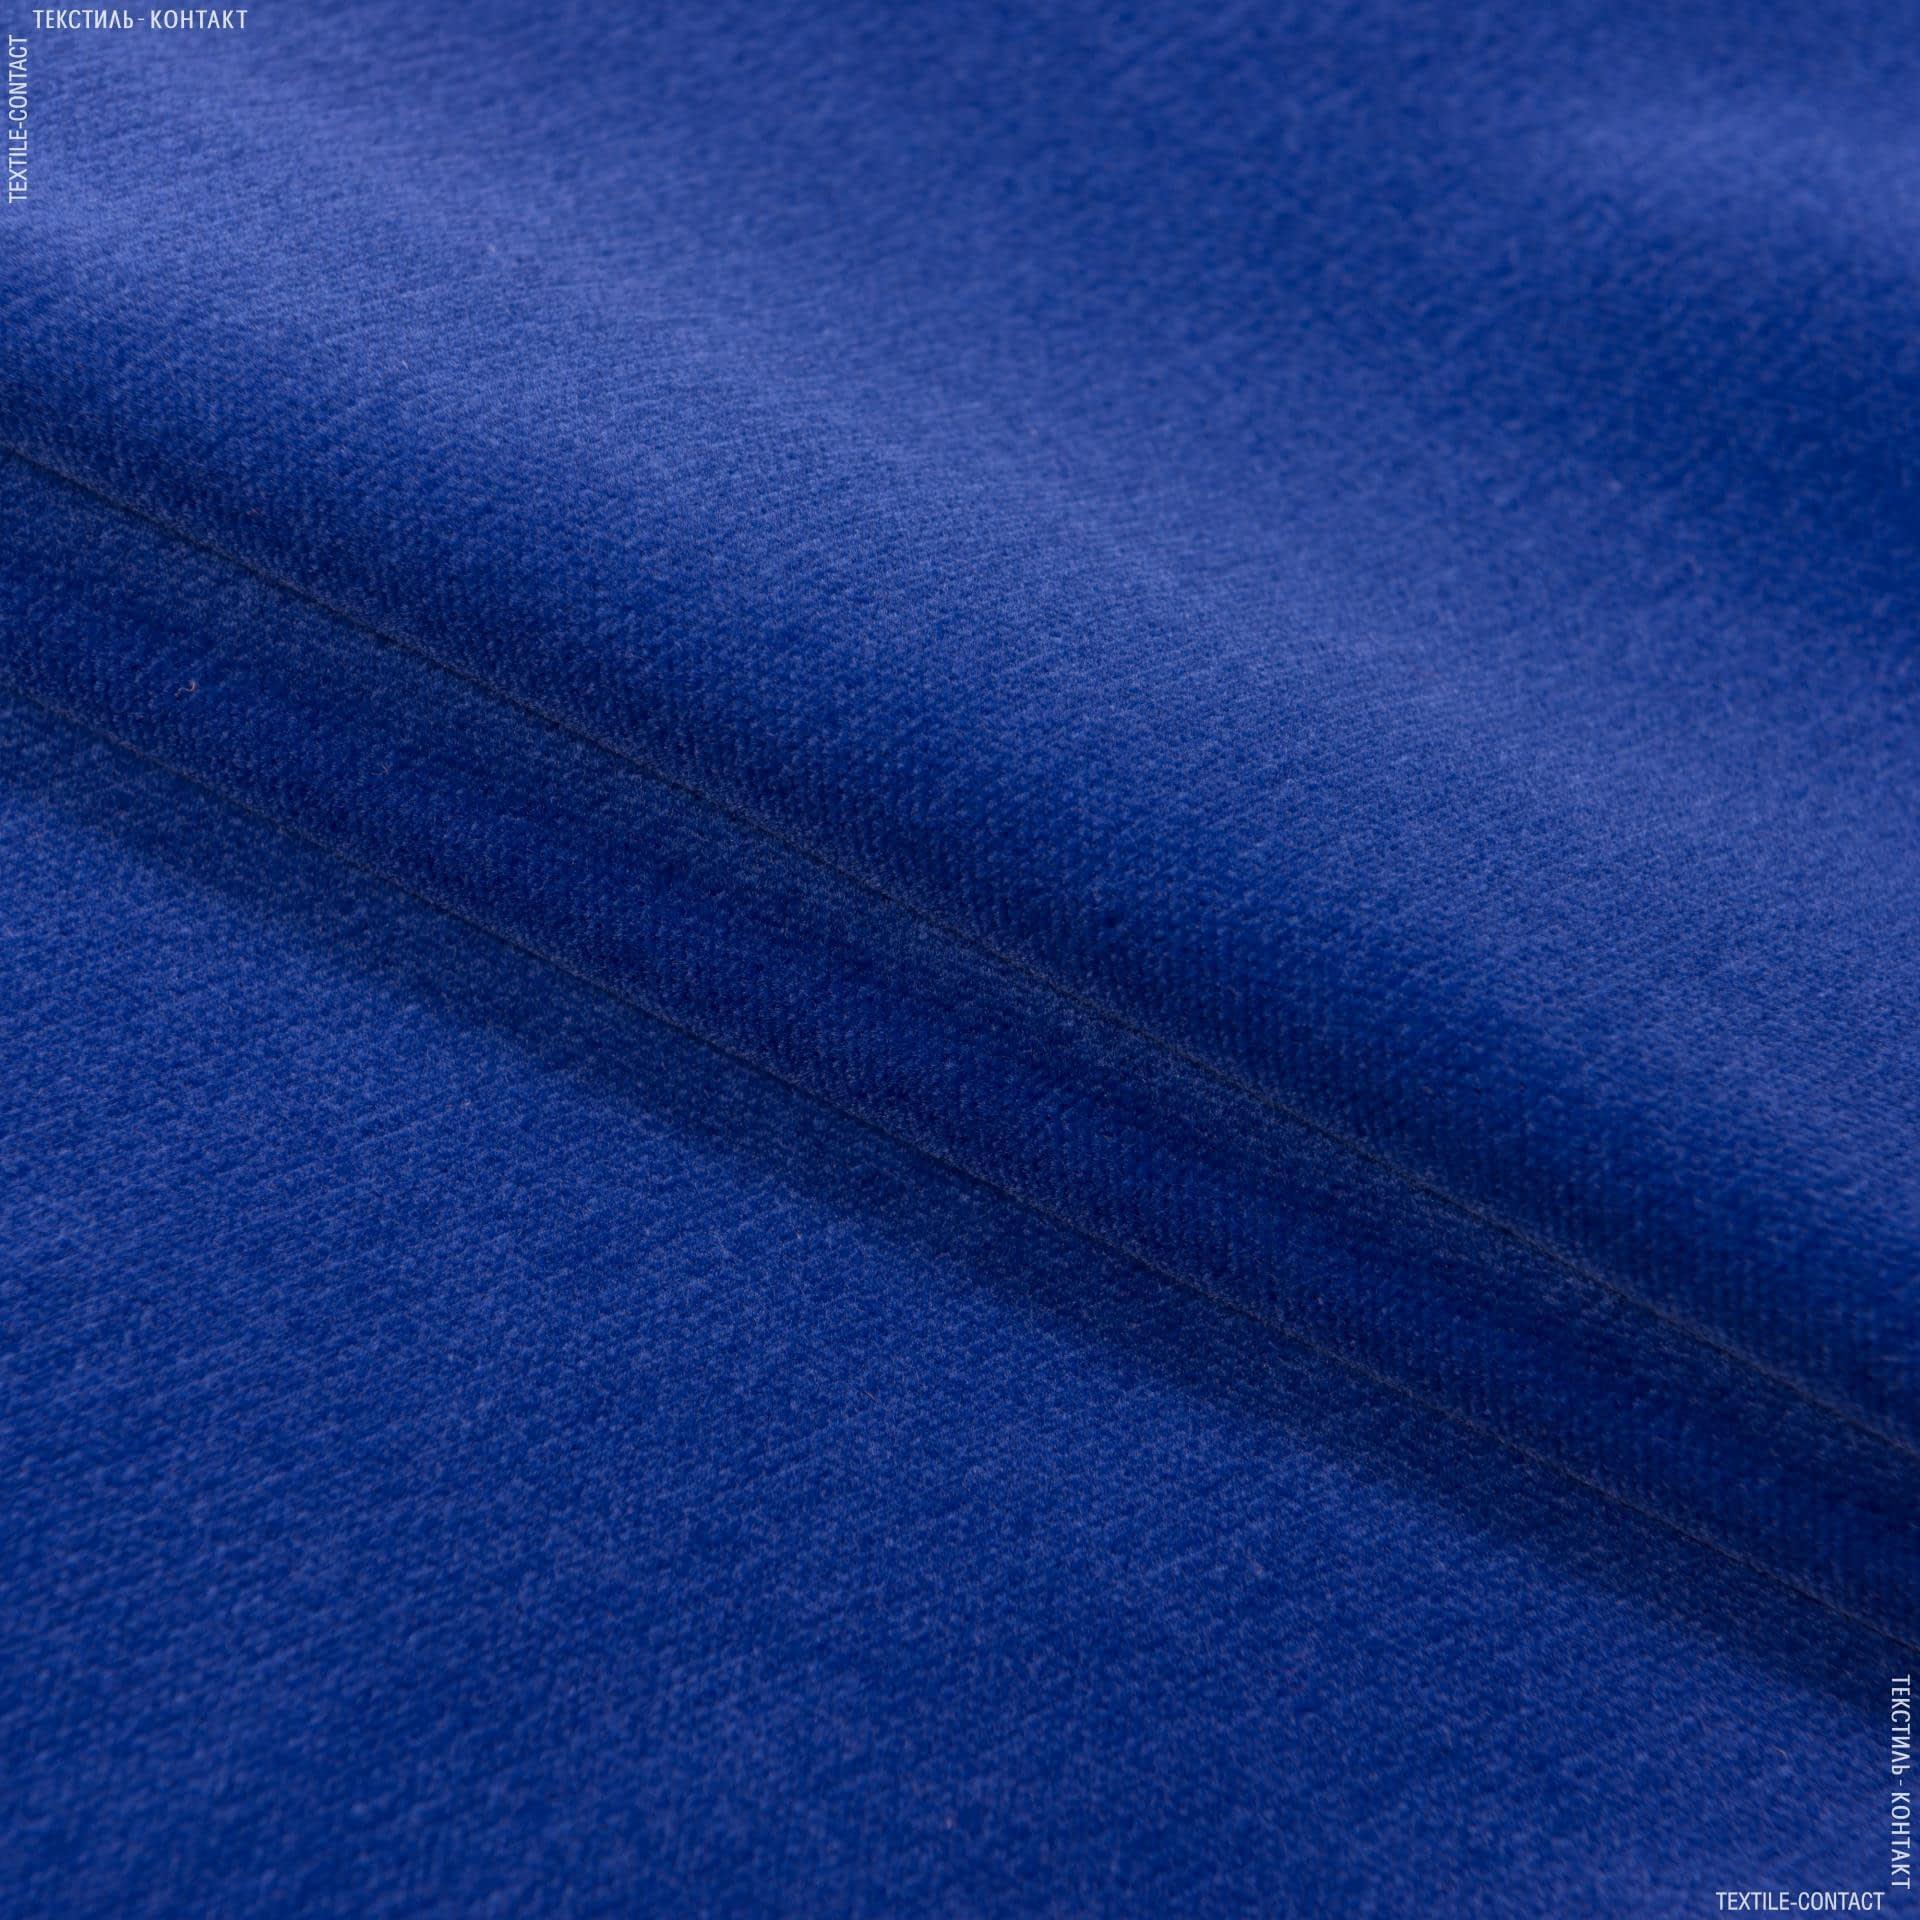 Ткани для мебели - Велюр новара/novara  электрик сток